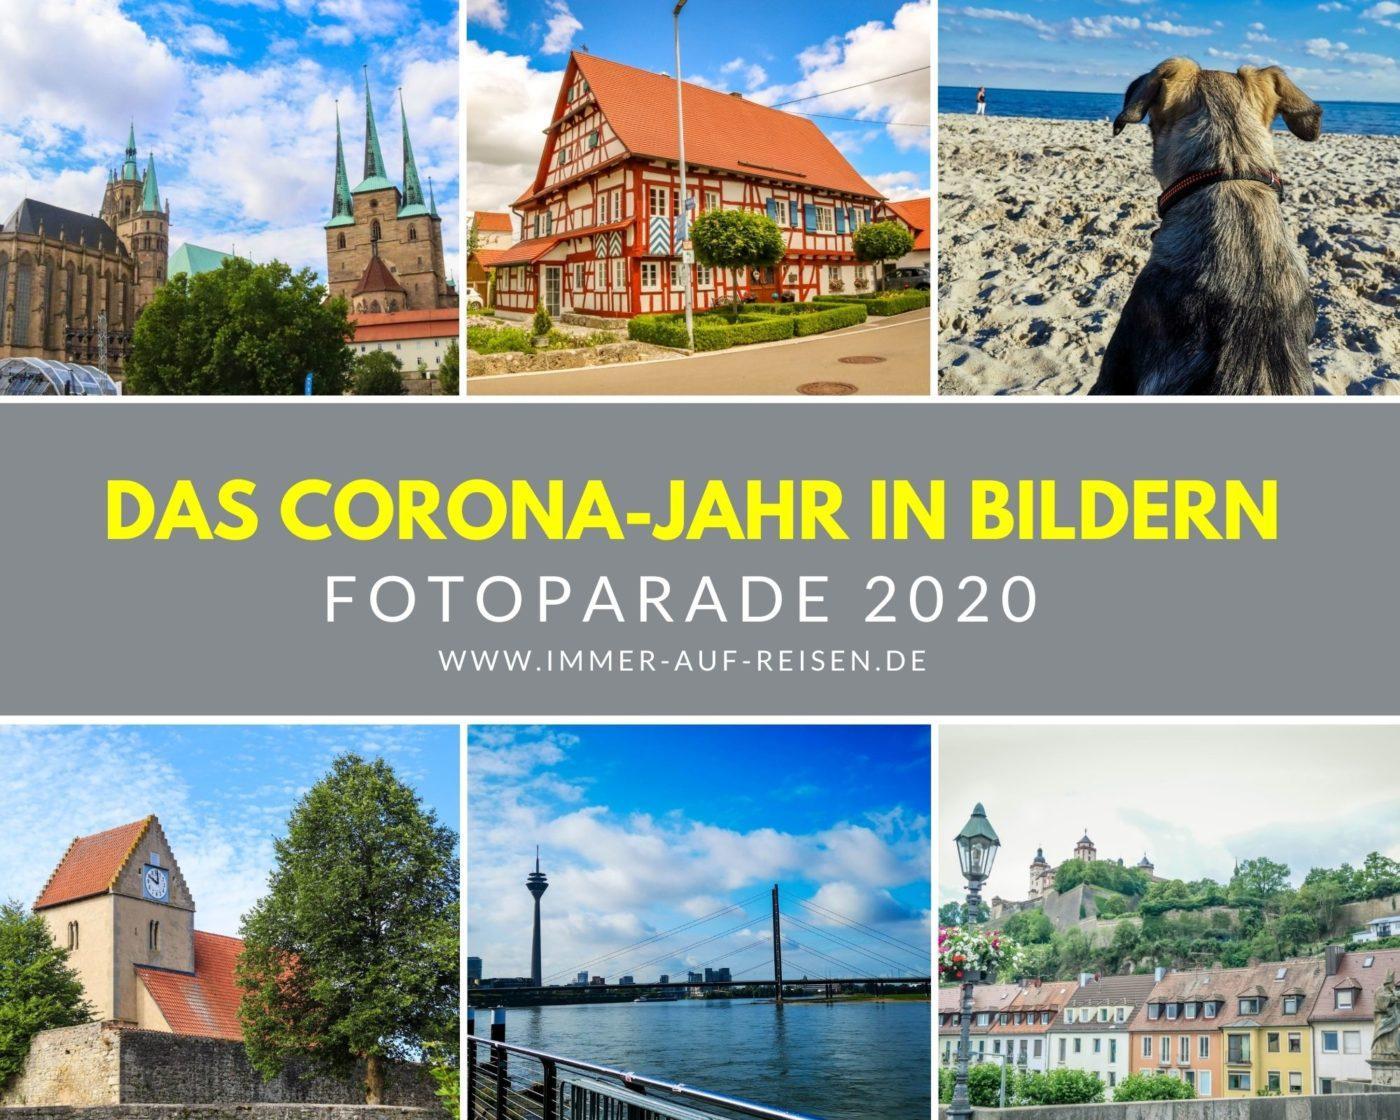 Das Corona-Jahr in Bildern